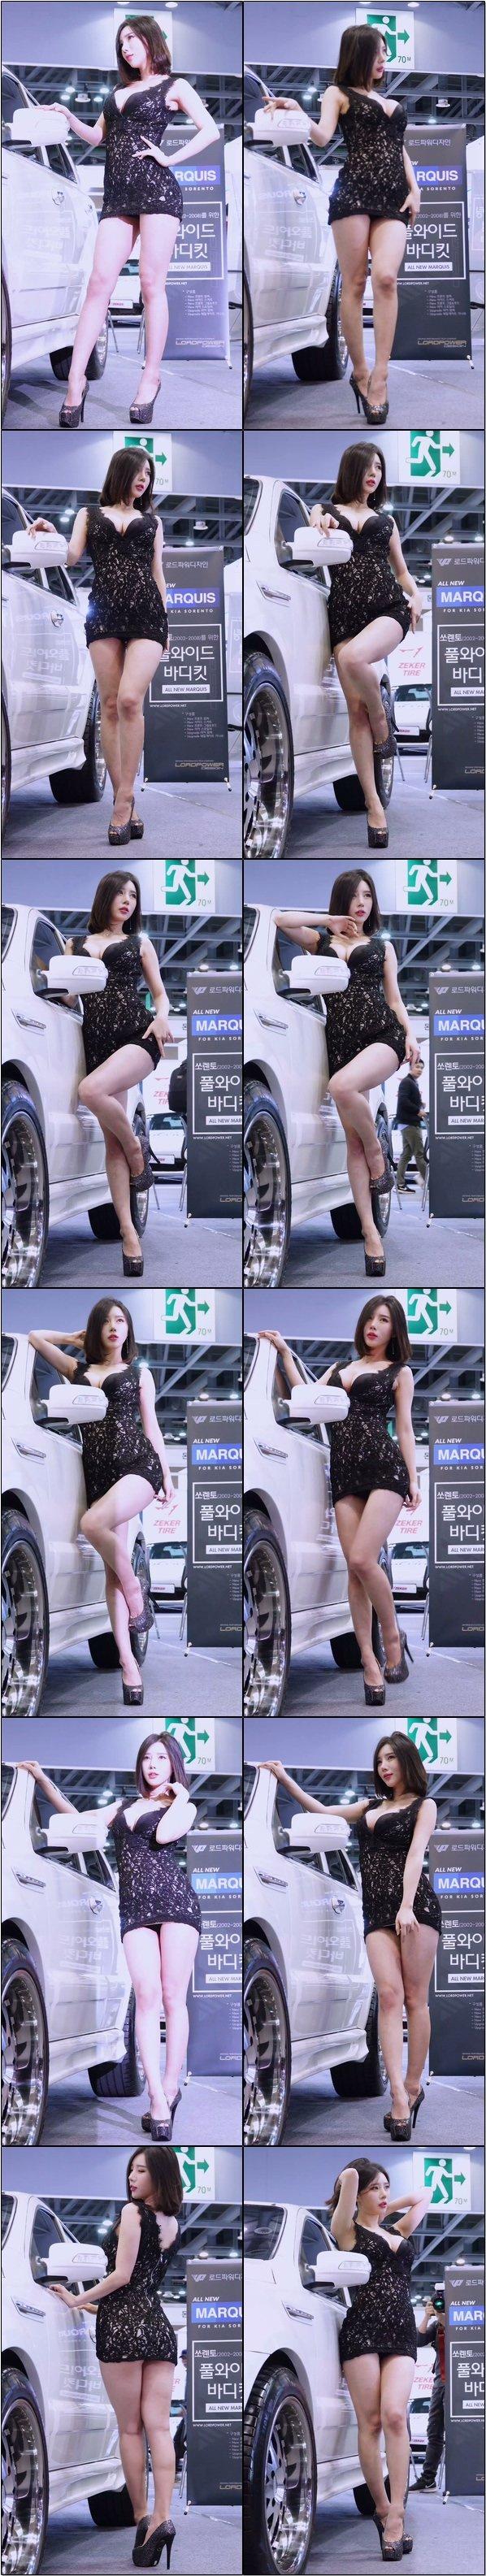 [會展模特] 韓國車展性感模特精選飯拍2020583